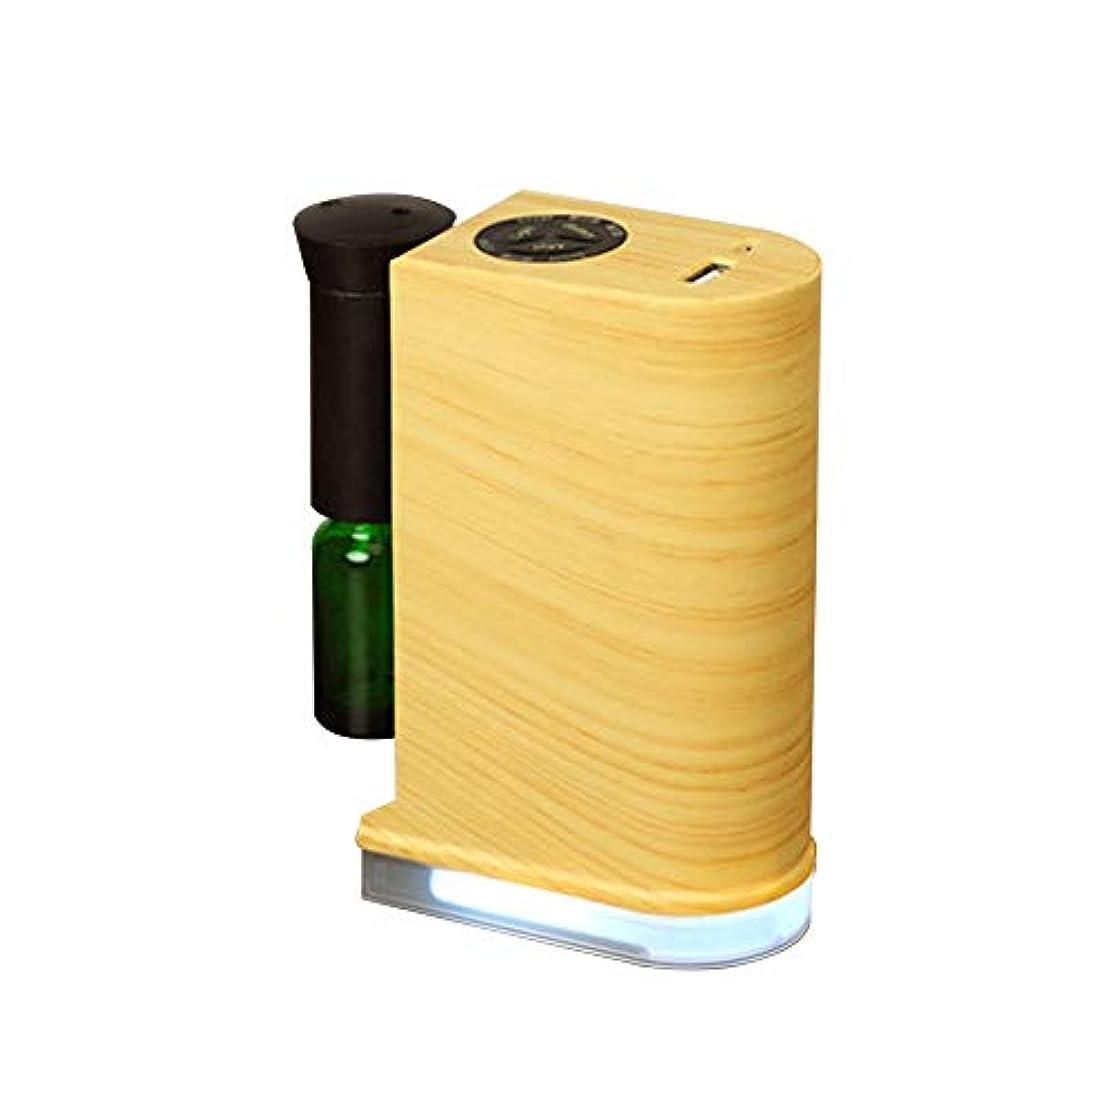 外科医徴収それらネブライザー式アロマディフューザー 水を使わない アロマオイル対応 LEDライト付き スマホ充電可能 USBポート付き 木目調 (ナチュラル)